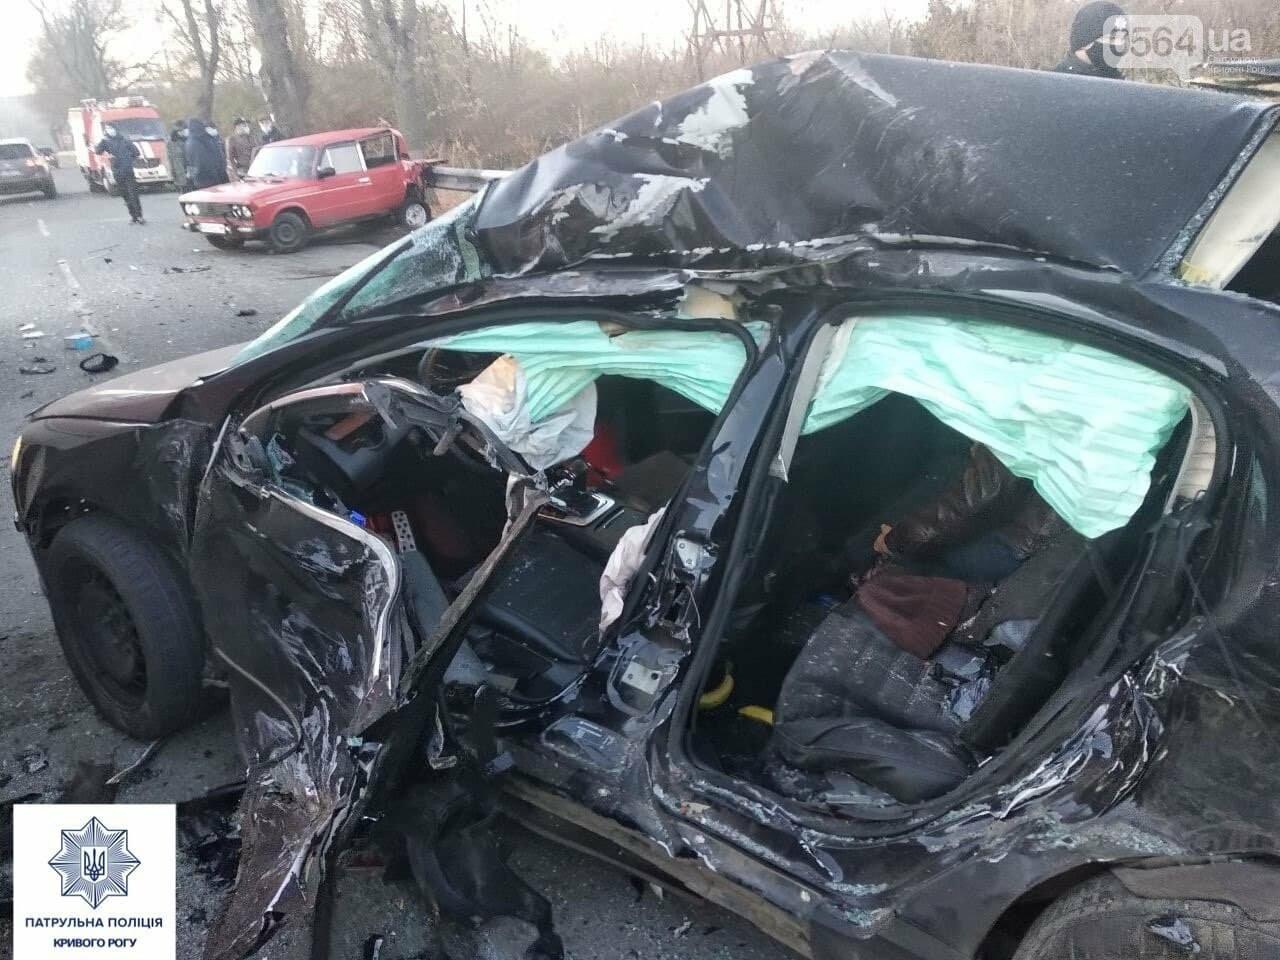 Volkswagen не выбрал безопасную скорость, - в полиции уточнили обстоятельства смертельного ДТП в Кривом Роге, - ФОТО, фото-2